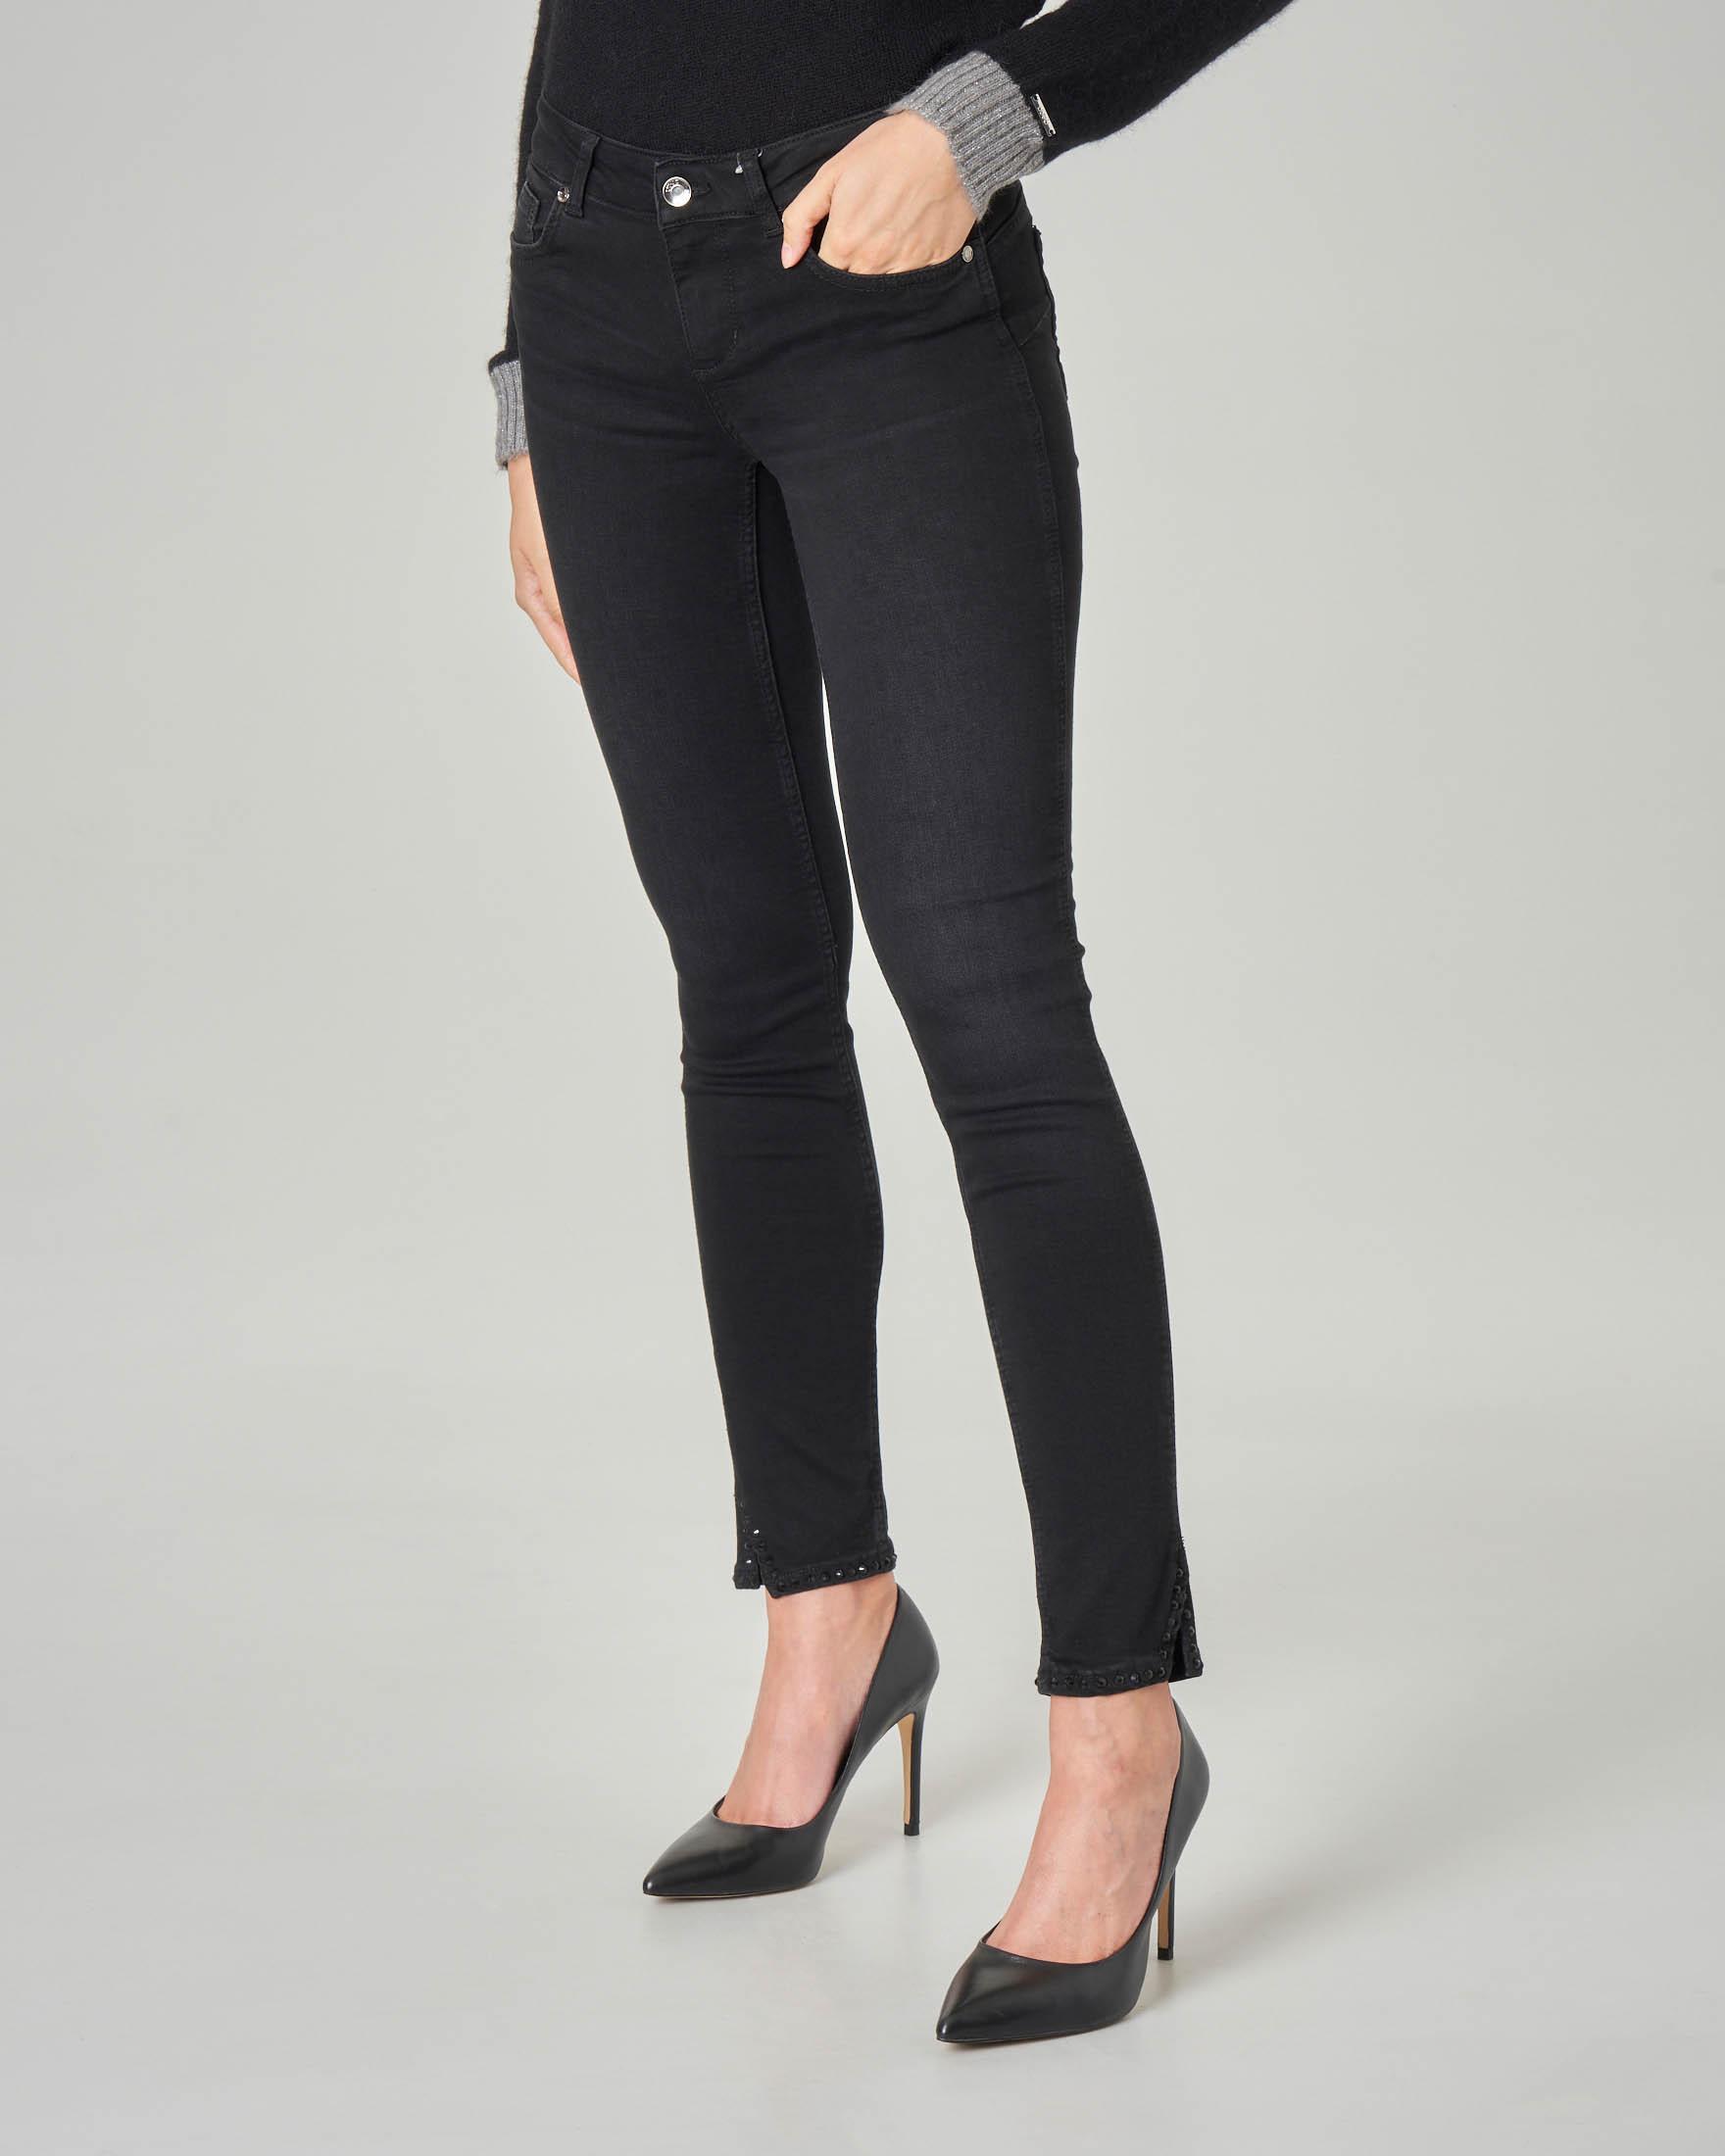 Jeans skinny Bottom up neri con micro borchie applicate sugli orli